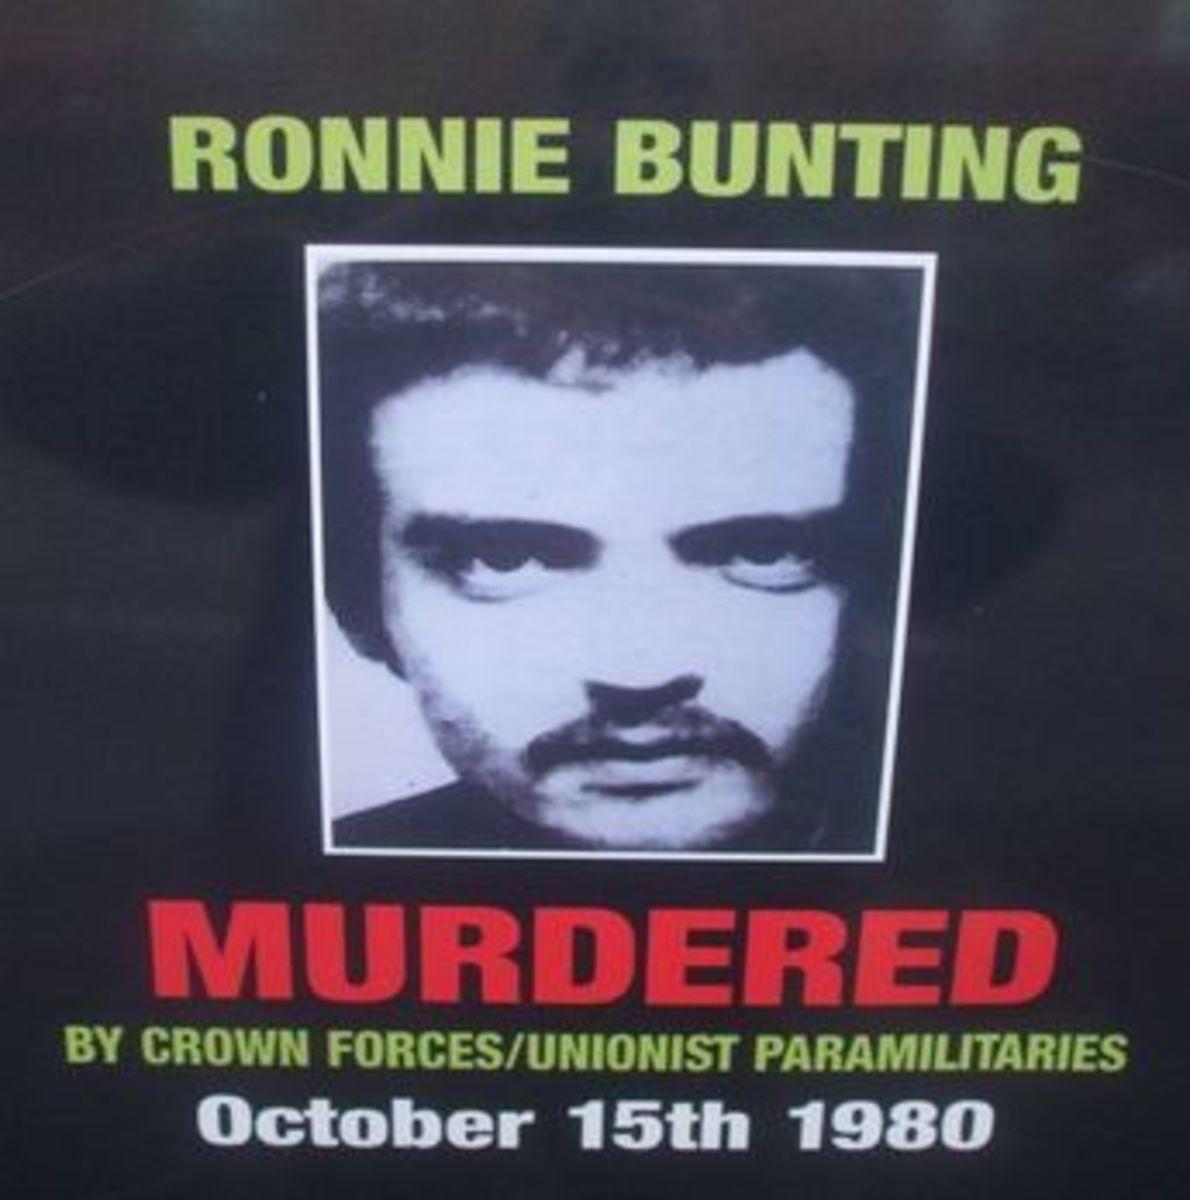 Ronnie Bunting: Republican Socialist Martyr